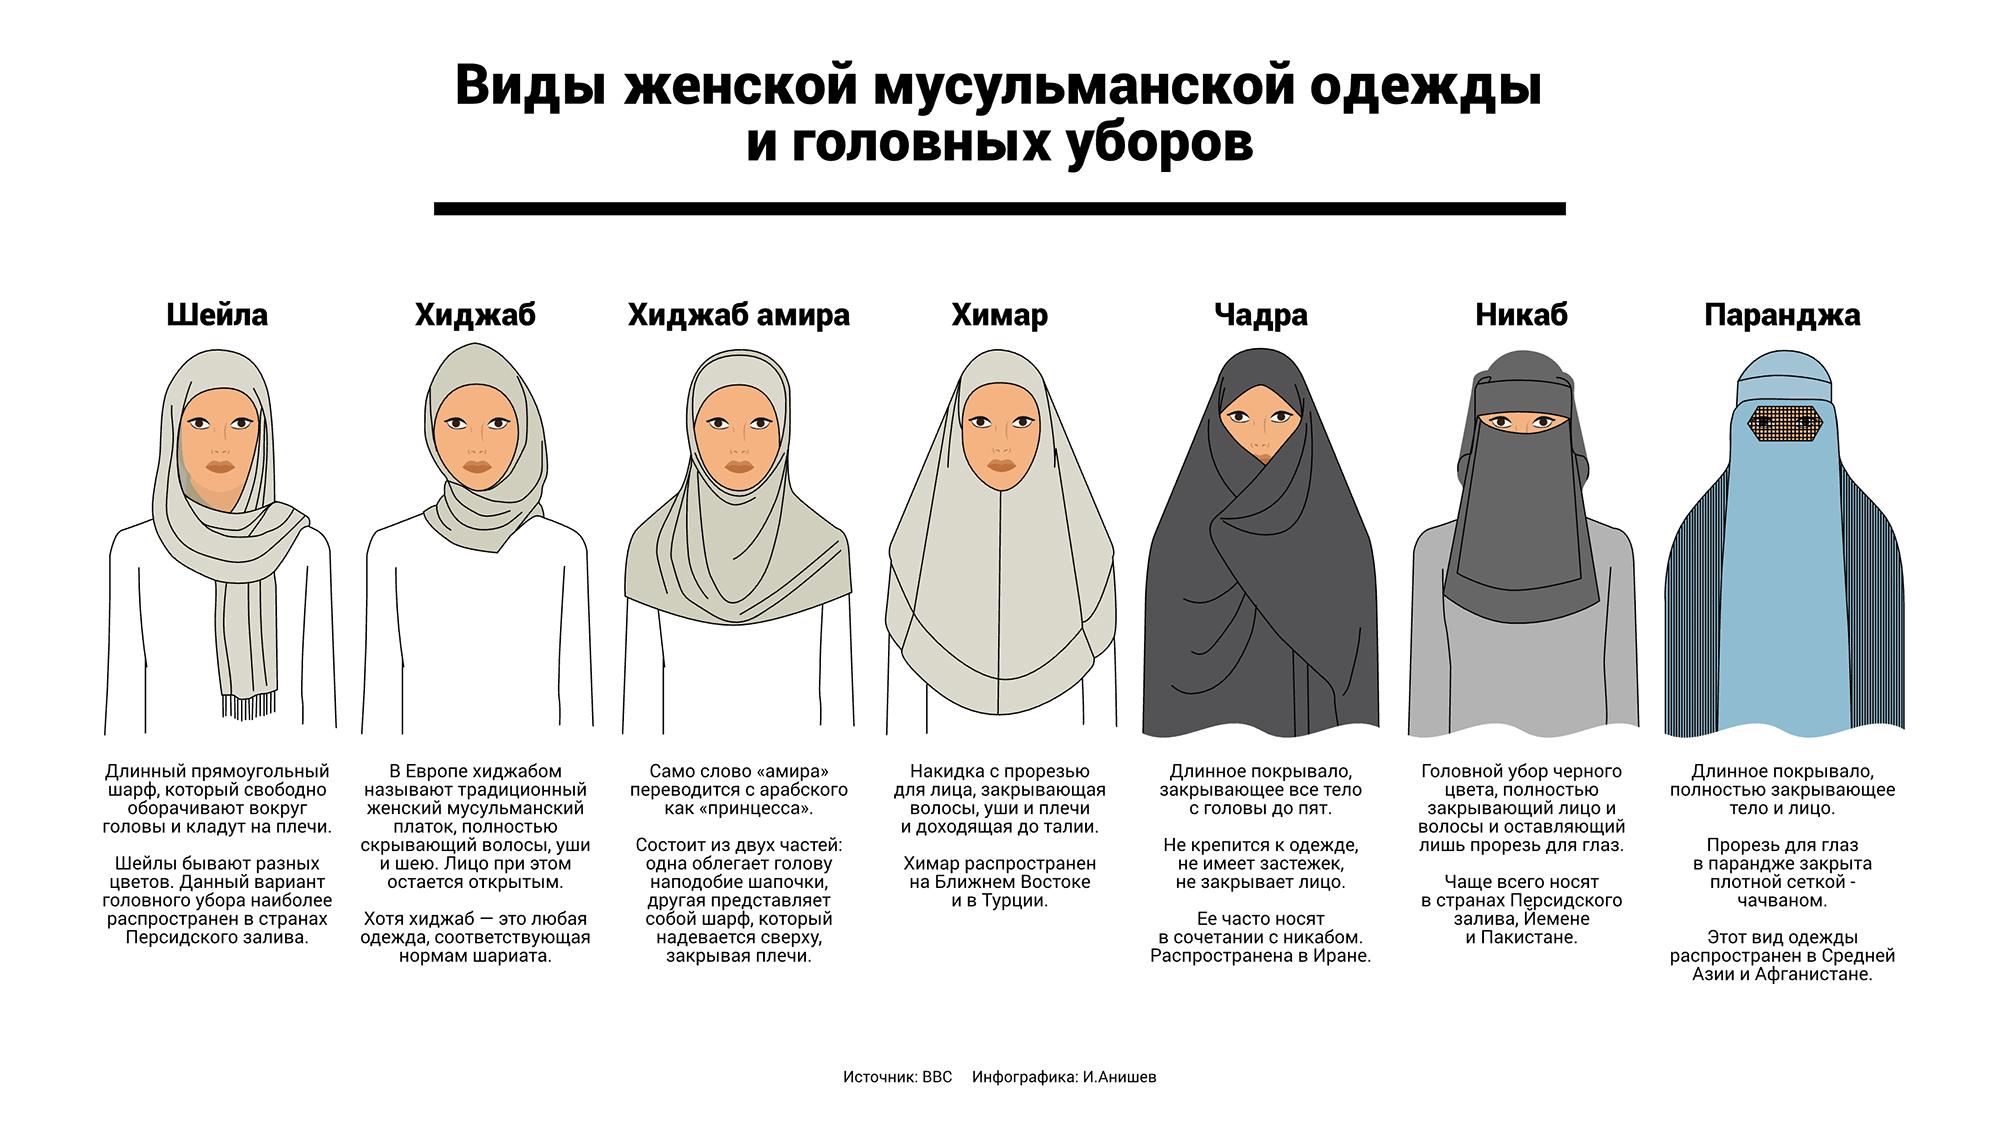 Я ношу первый вариант. Последние два типа в Иране не встречаются. Источник:BBCNewsРусскаяСлужба